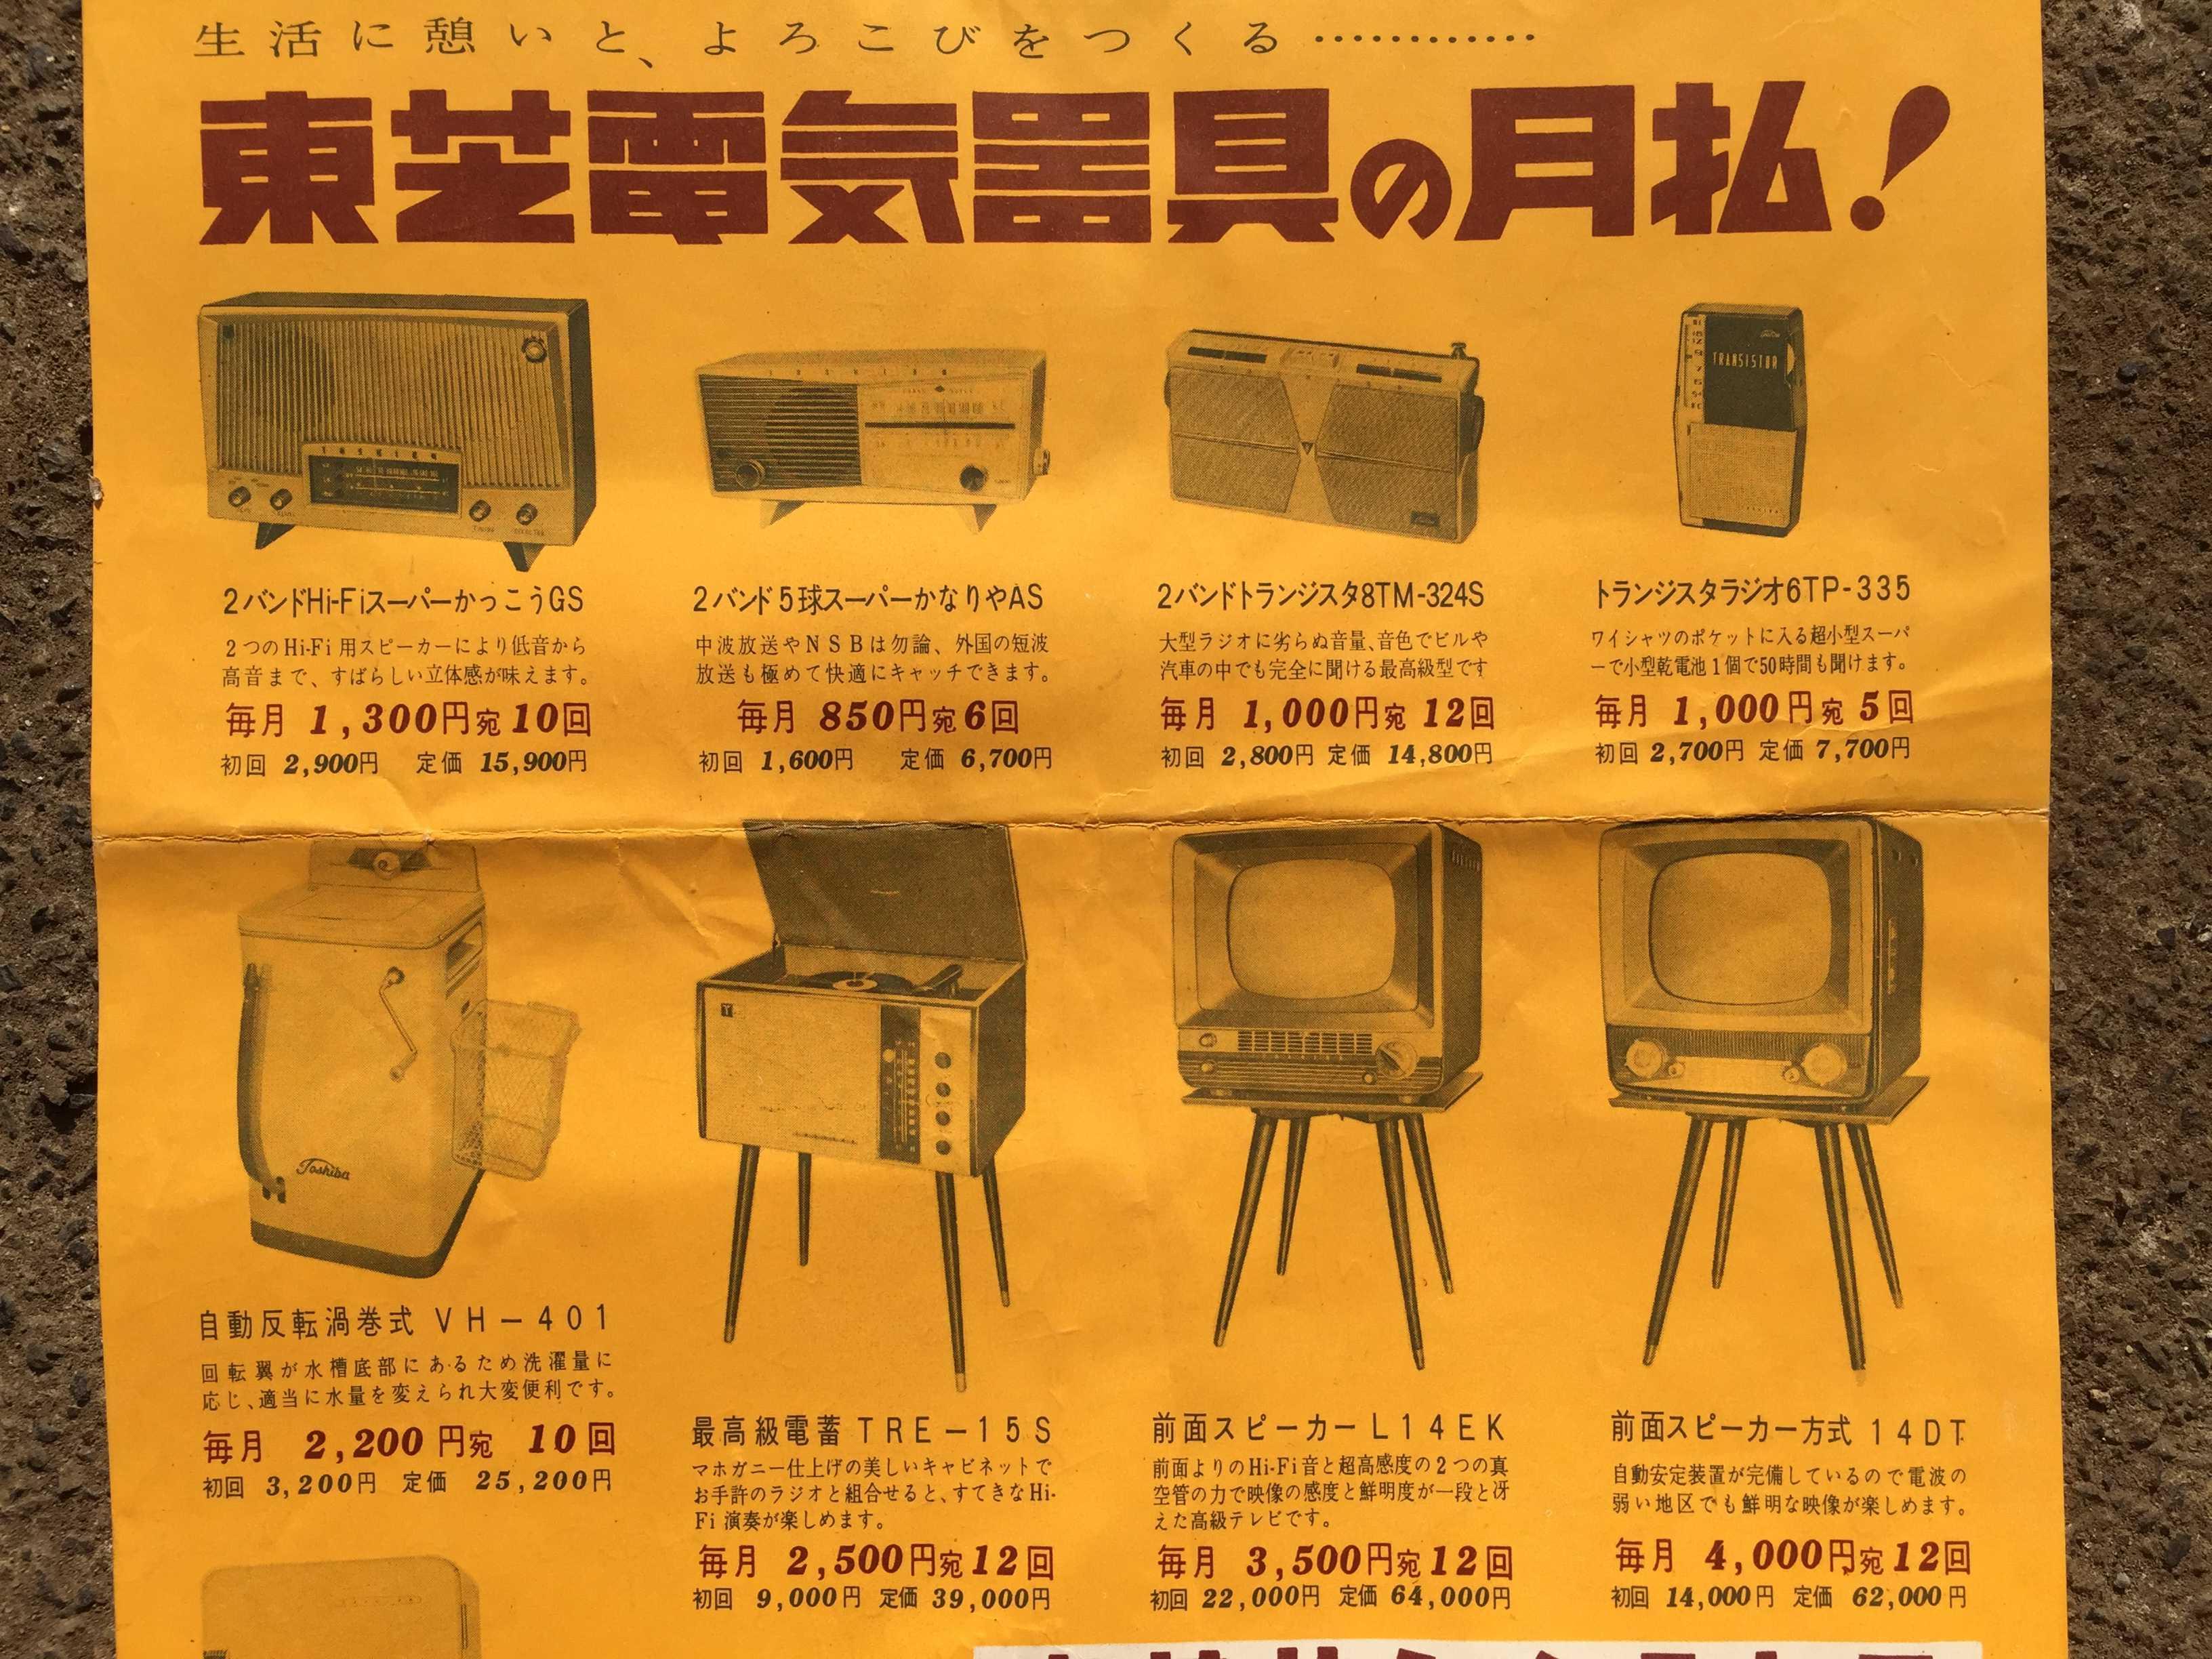 昭和30年代中頃の東芝製品のチラシ - 東芝電気器具の月払!